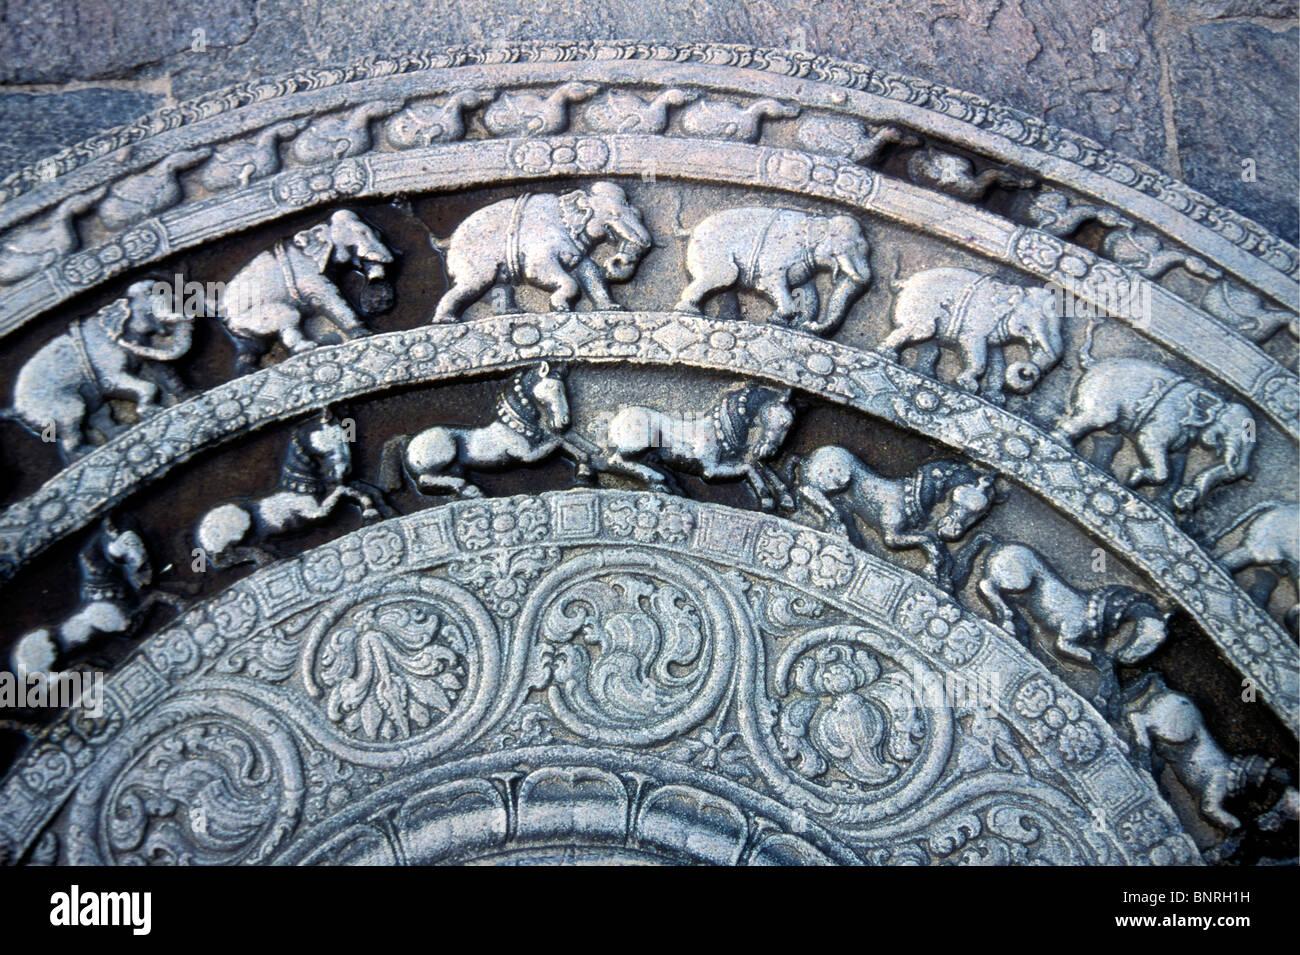 La pietra di luna carving dall antica città buddista di Polonnaruwa, Sri Lanka Immagini Stock